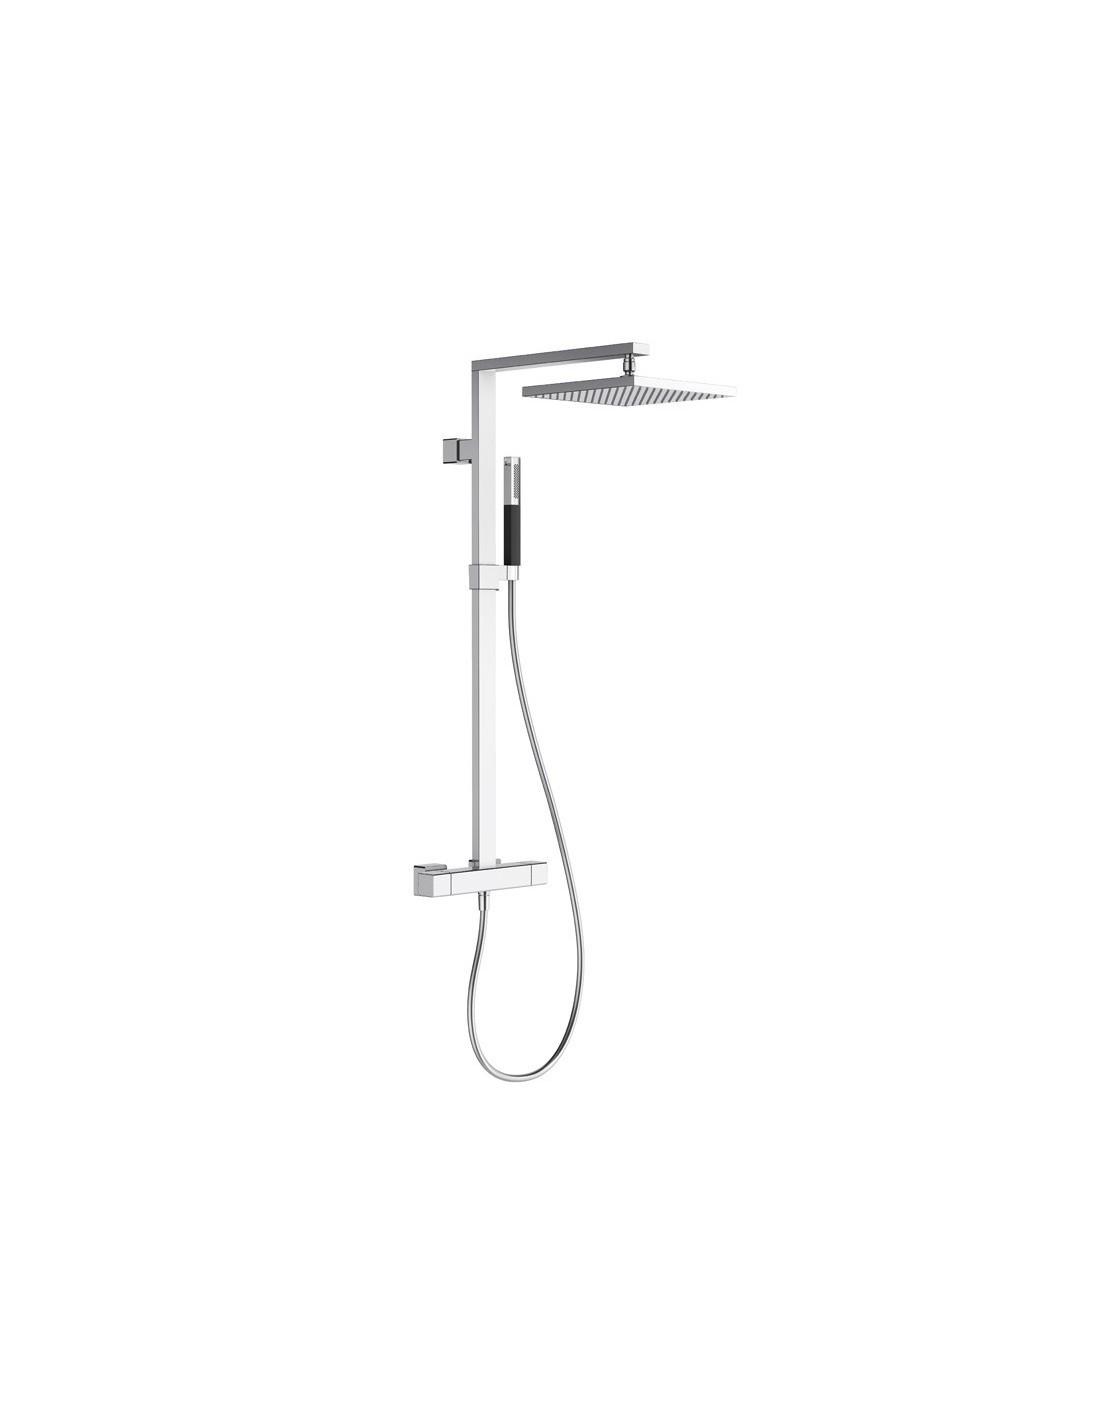 Colonne de douche avec mitigeur thermostatique et douche - Mitigeur thermostatique douche jacob delafon ...